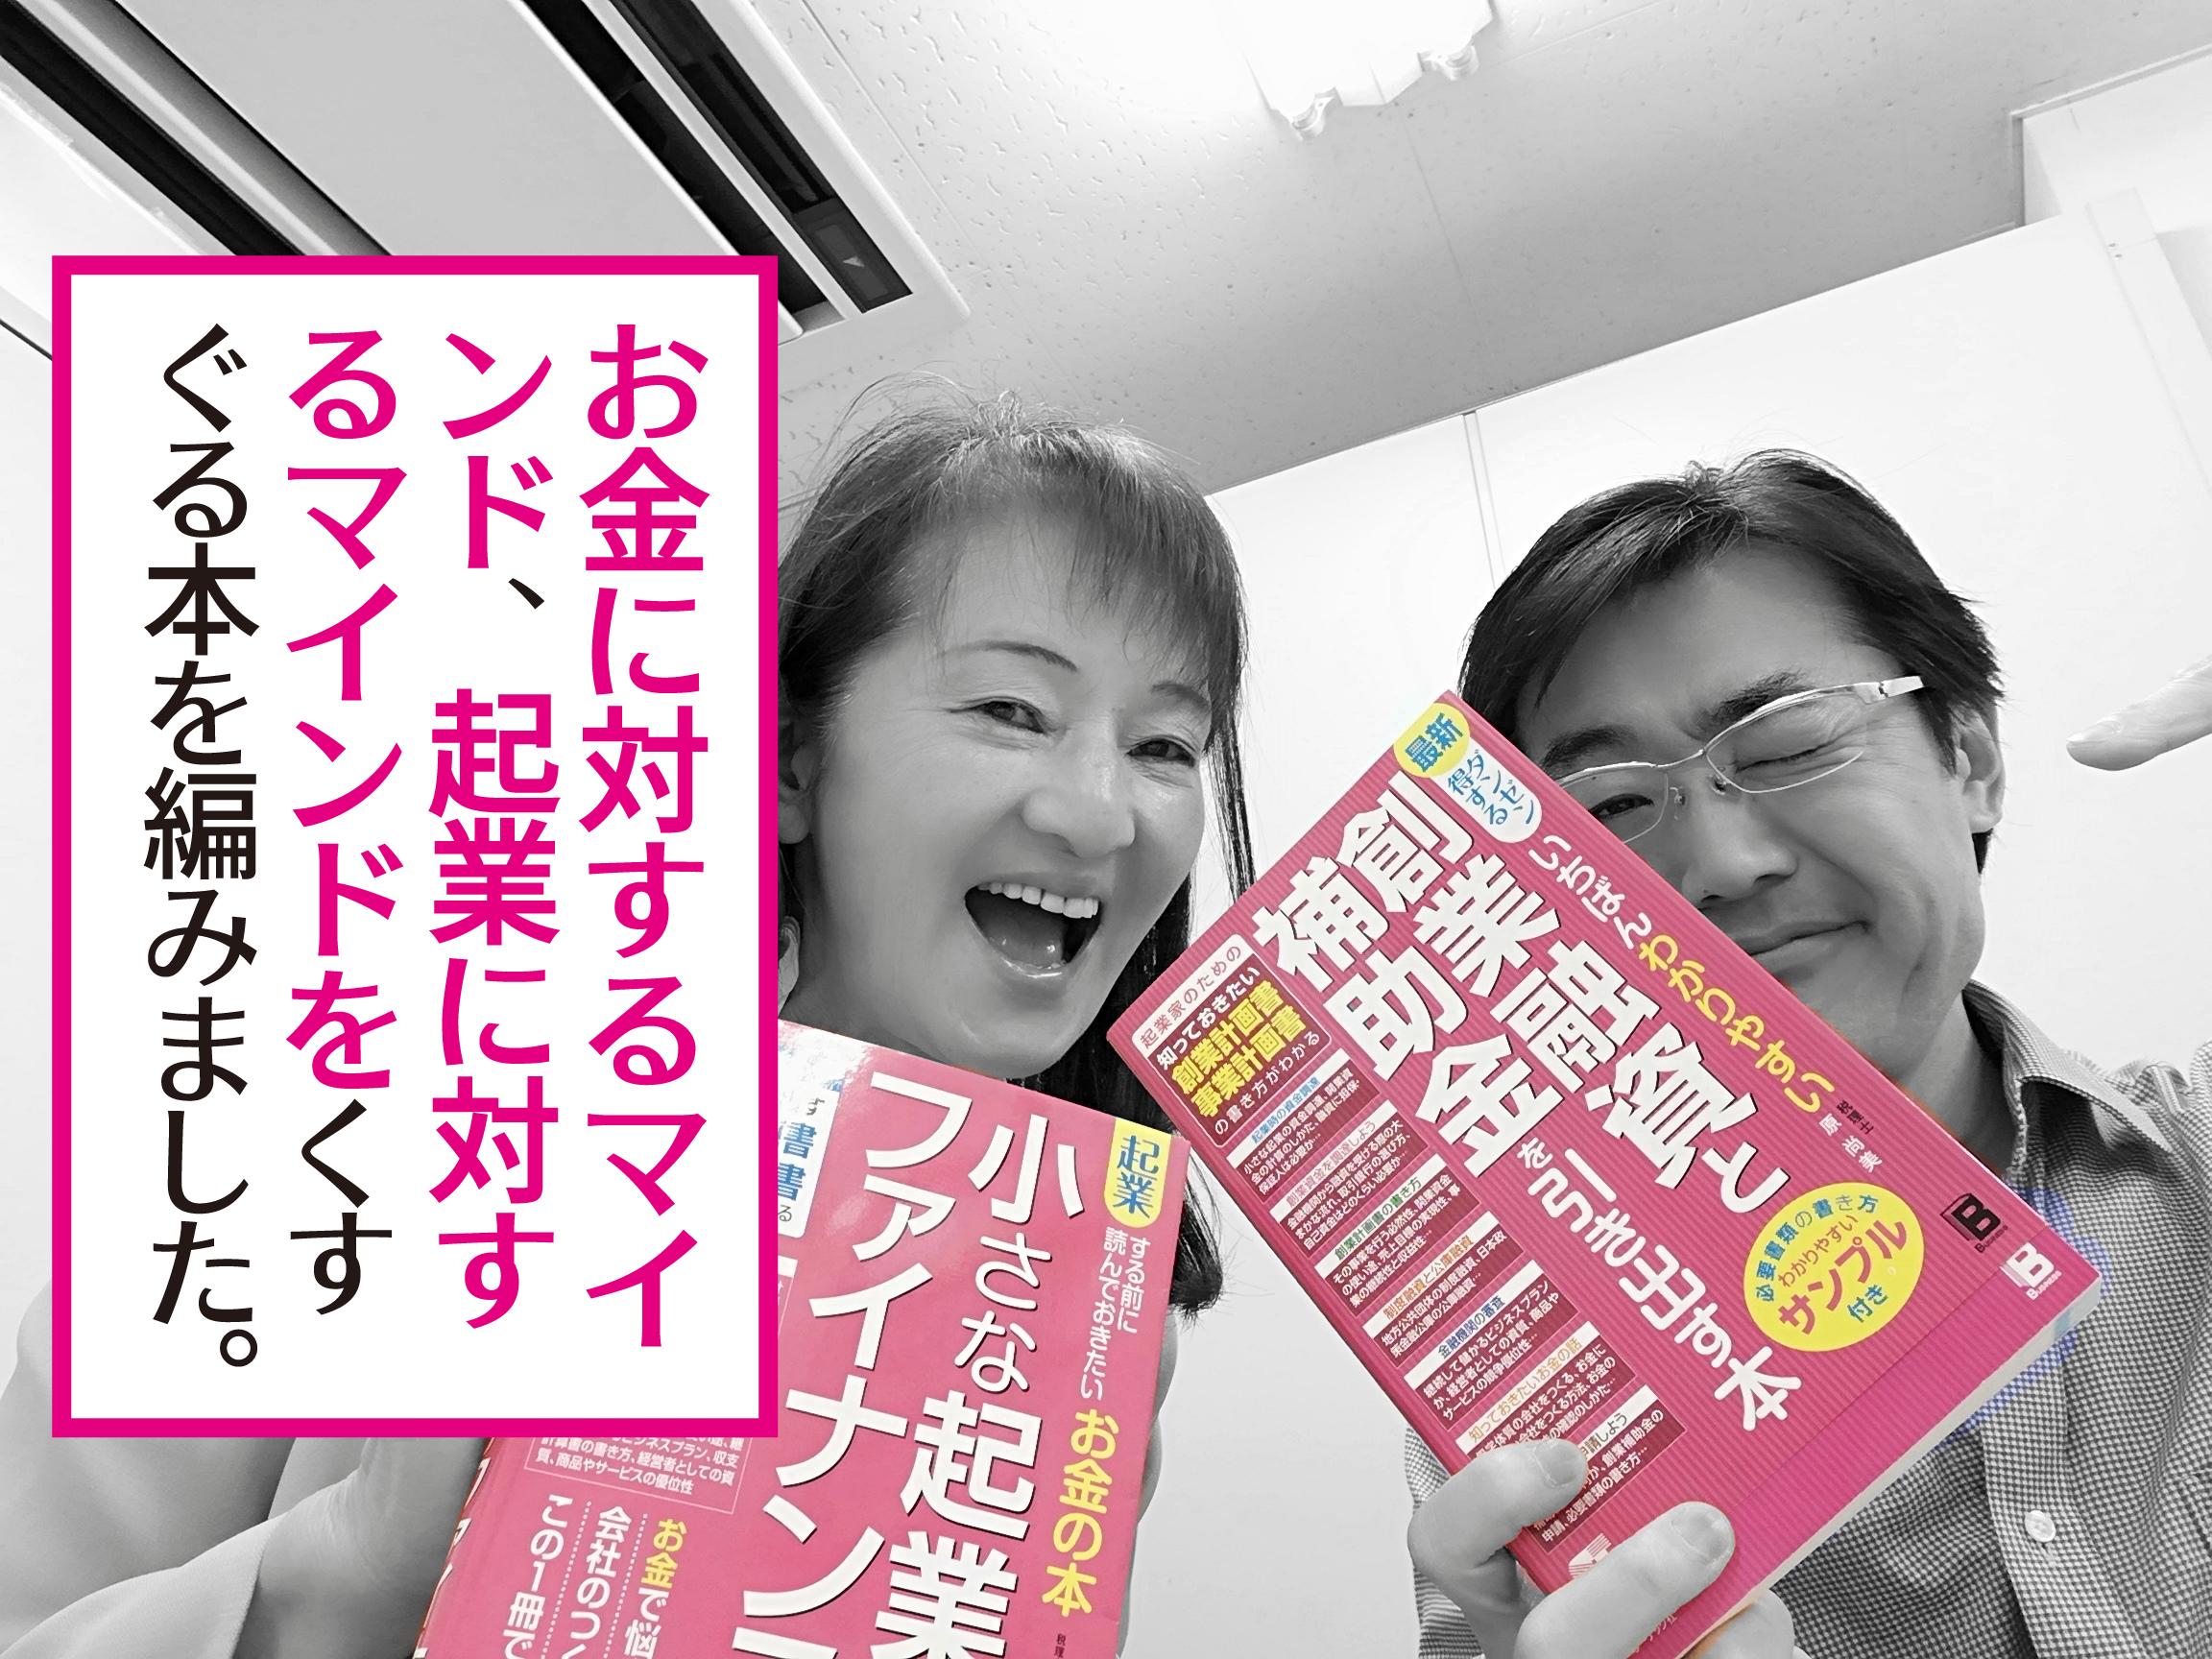 5年愛される本・福田清峰・原尚美・創業融資と補助金を引き出す本